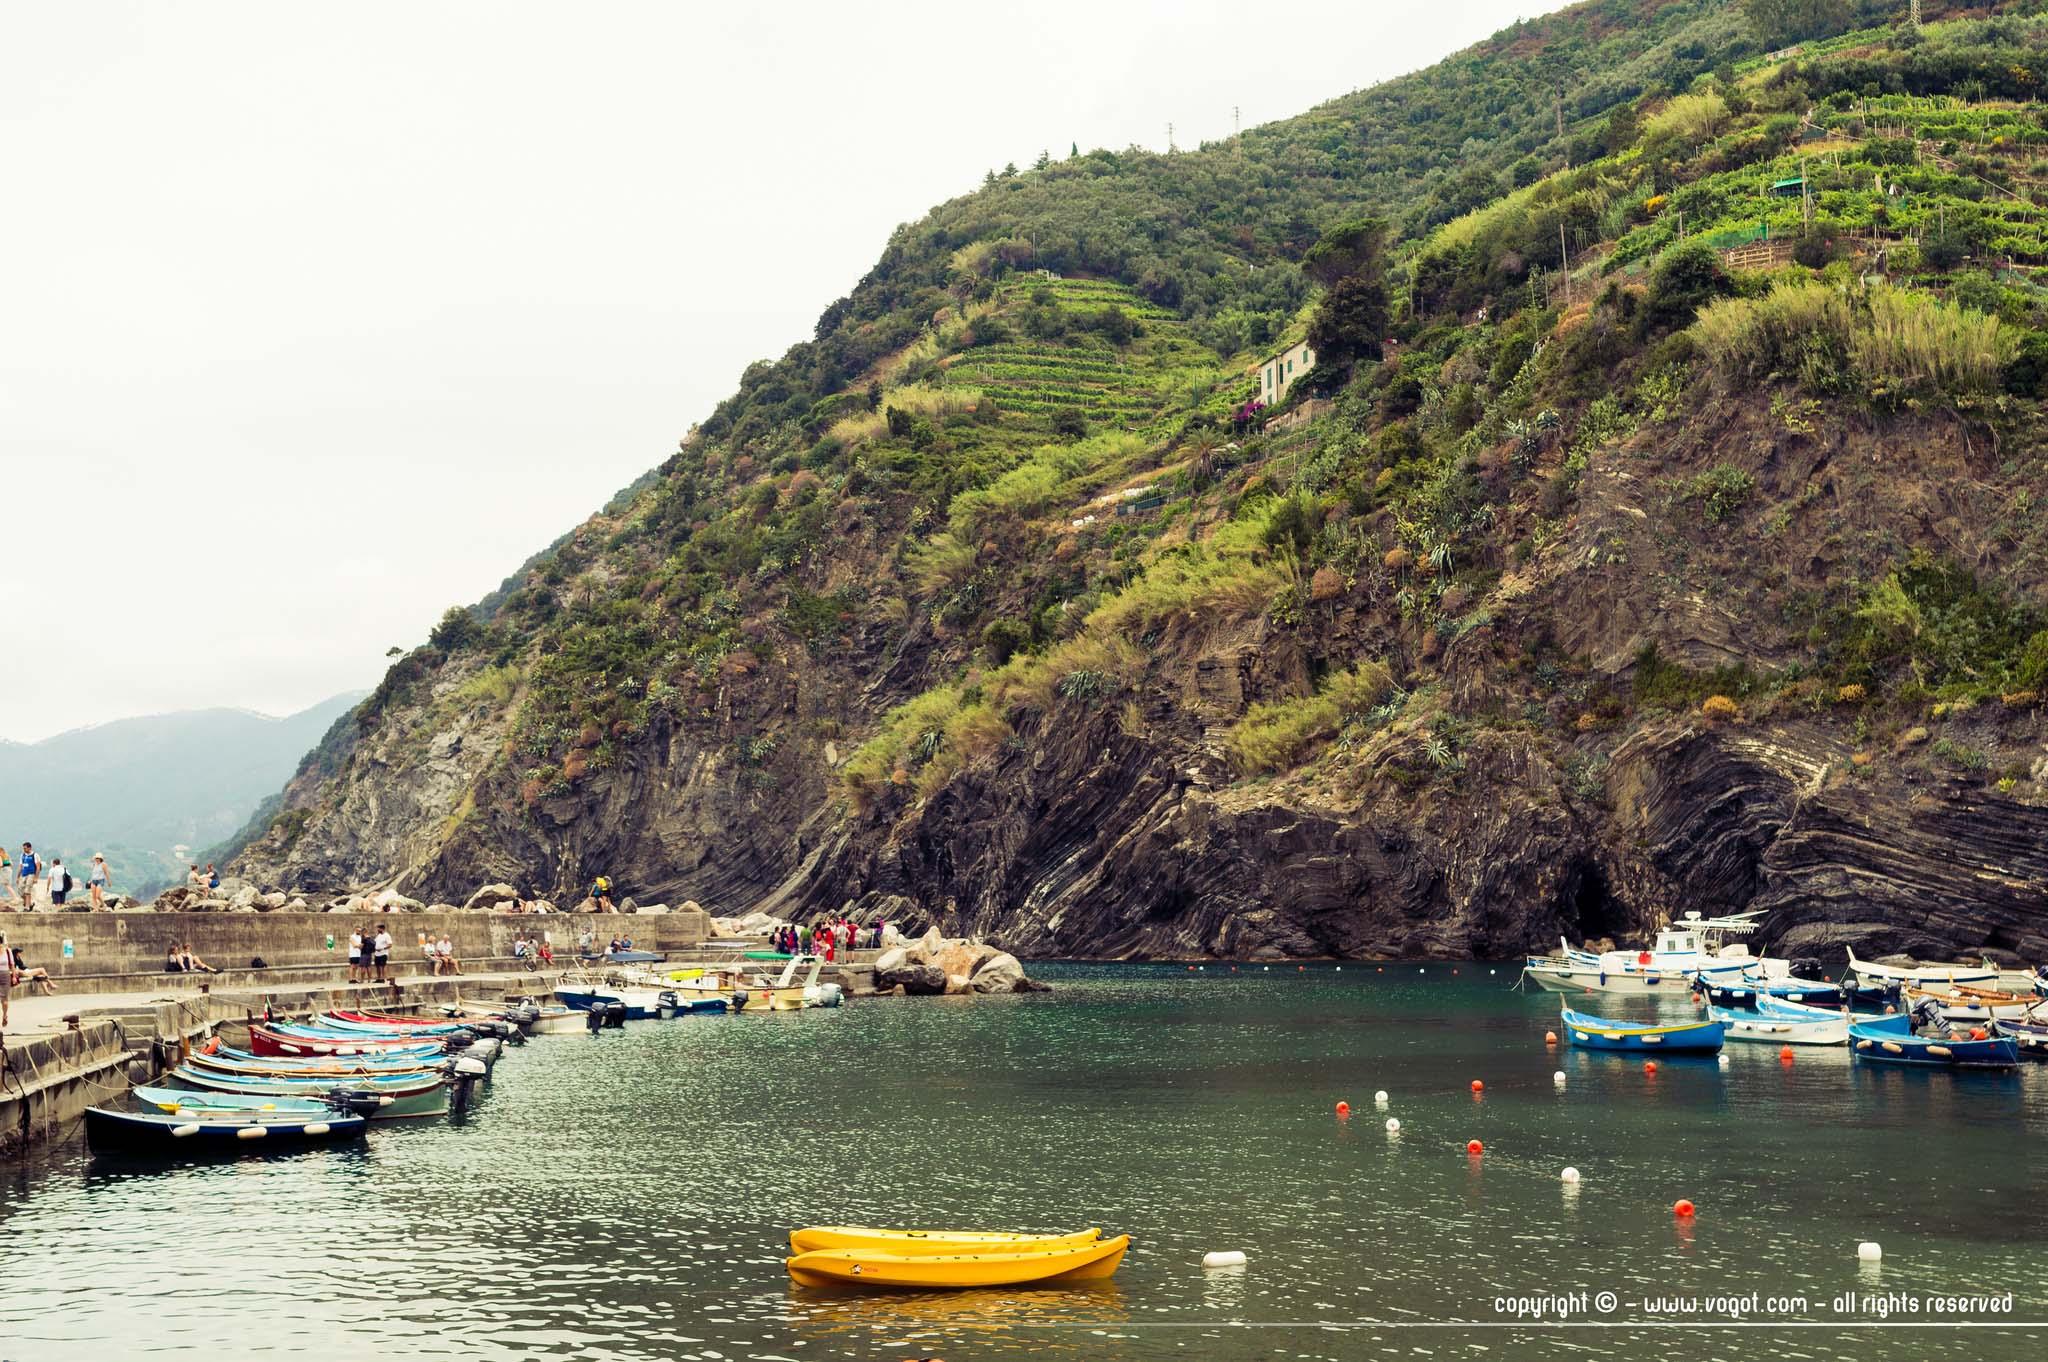 Le port de Vernazza avec ses embarcations légères